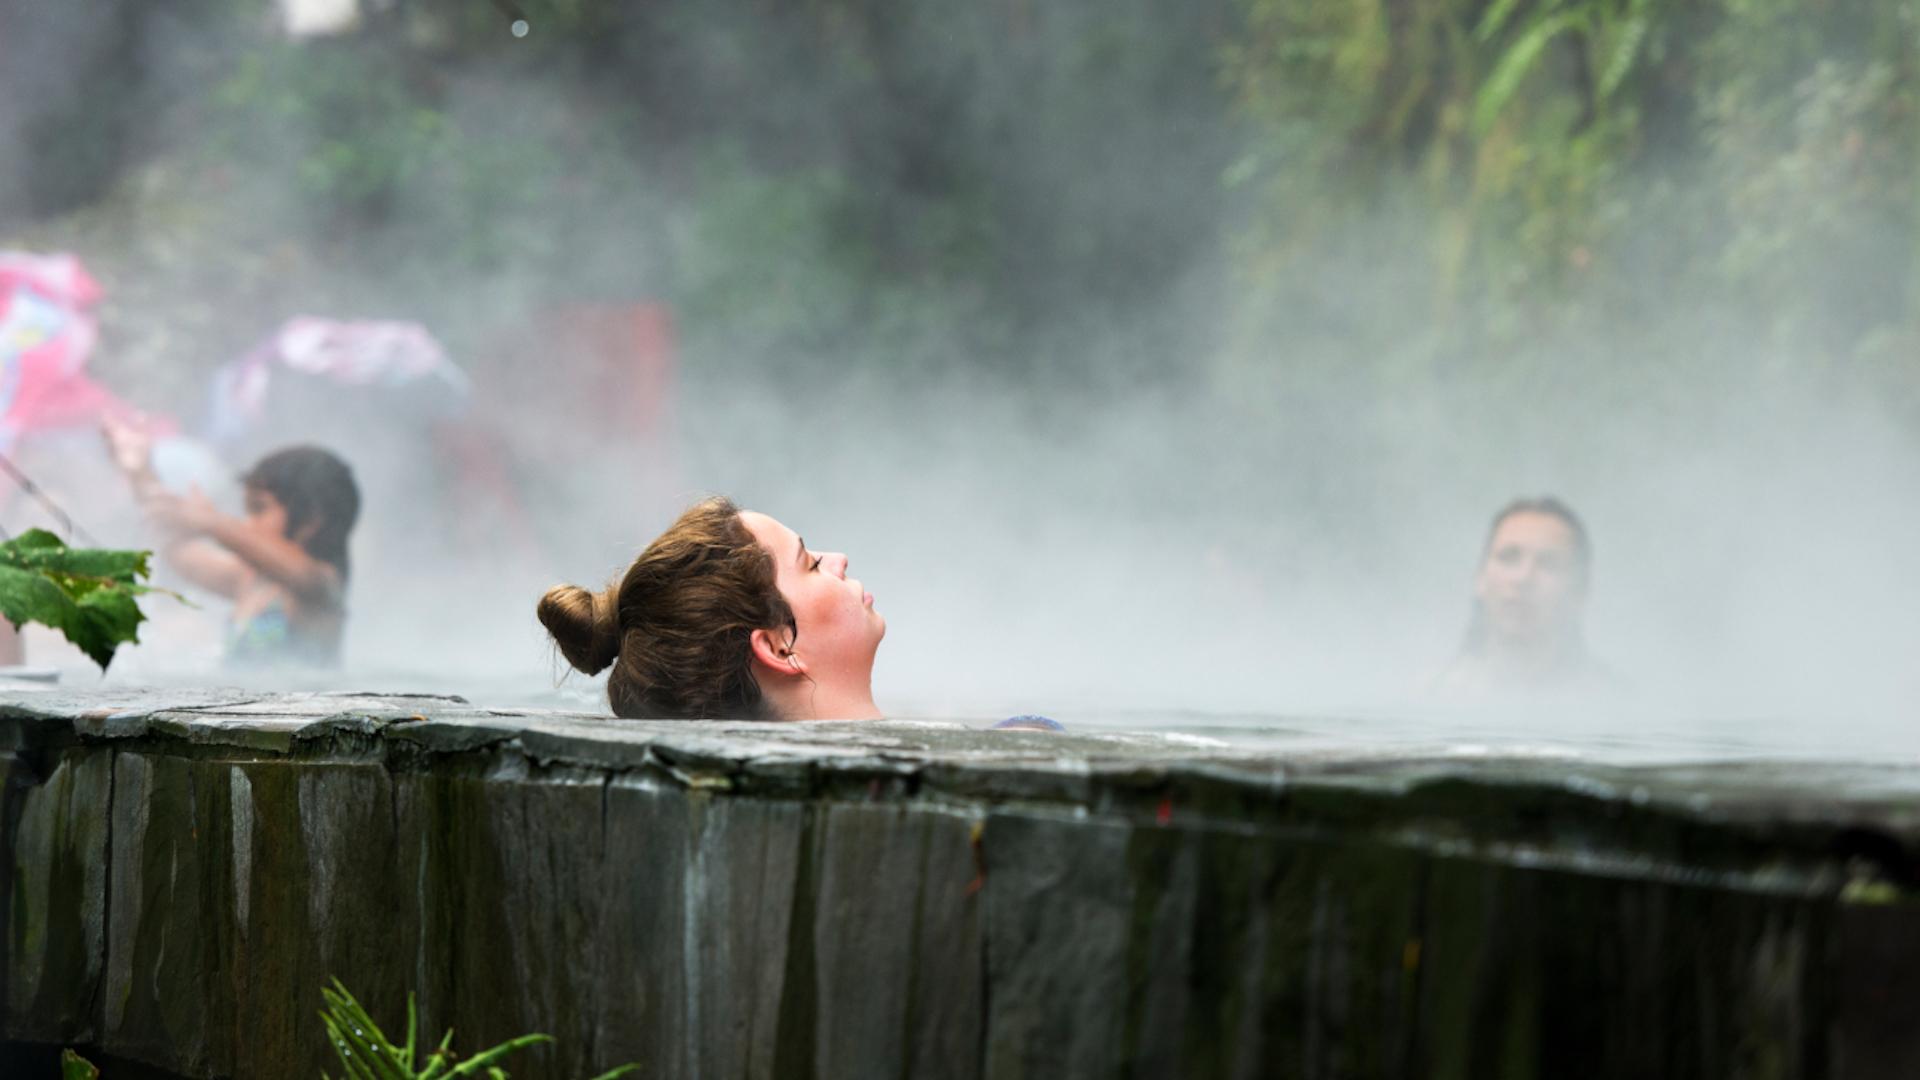 Beneficios de las aguas termales. Foto: conocedores.com/